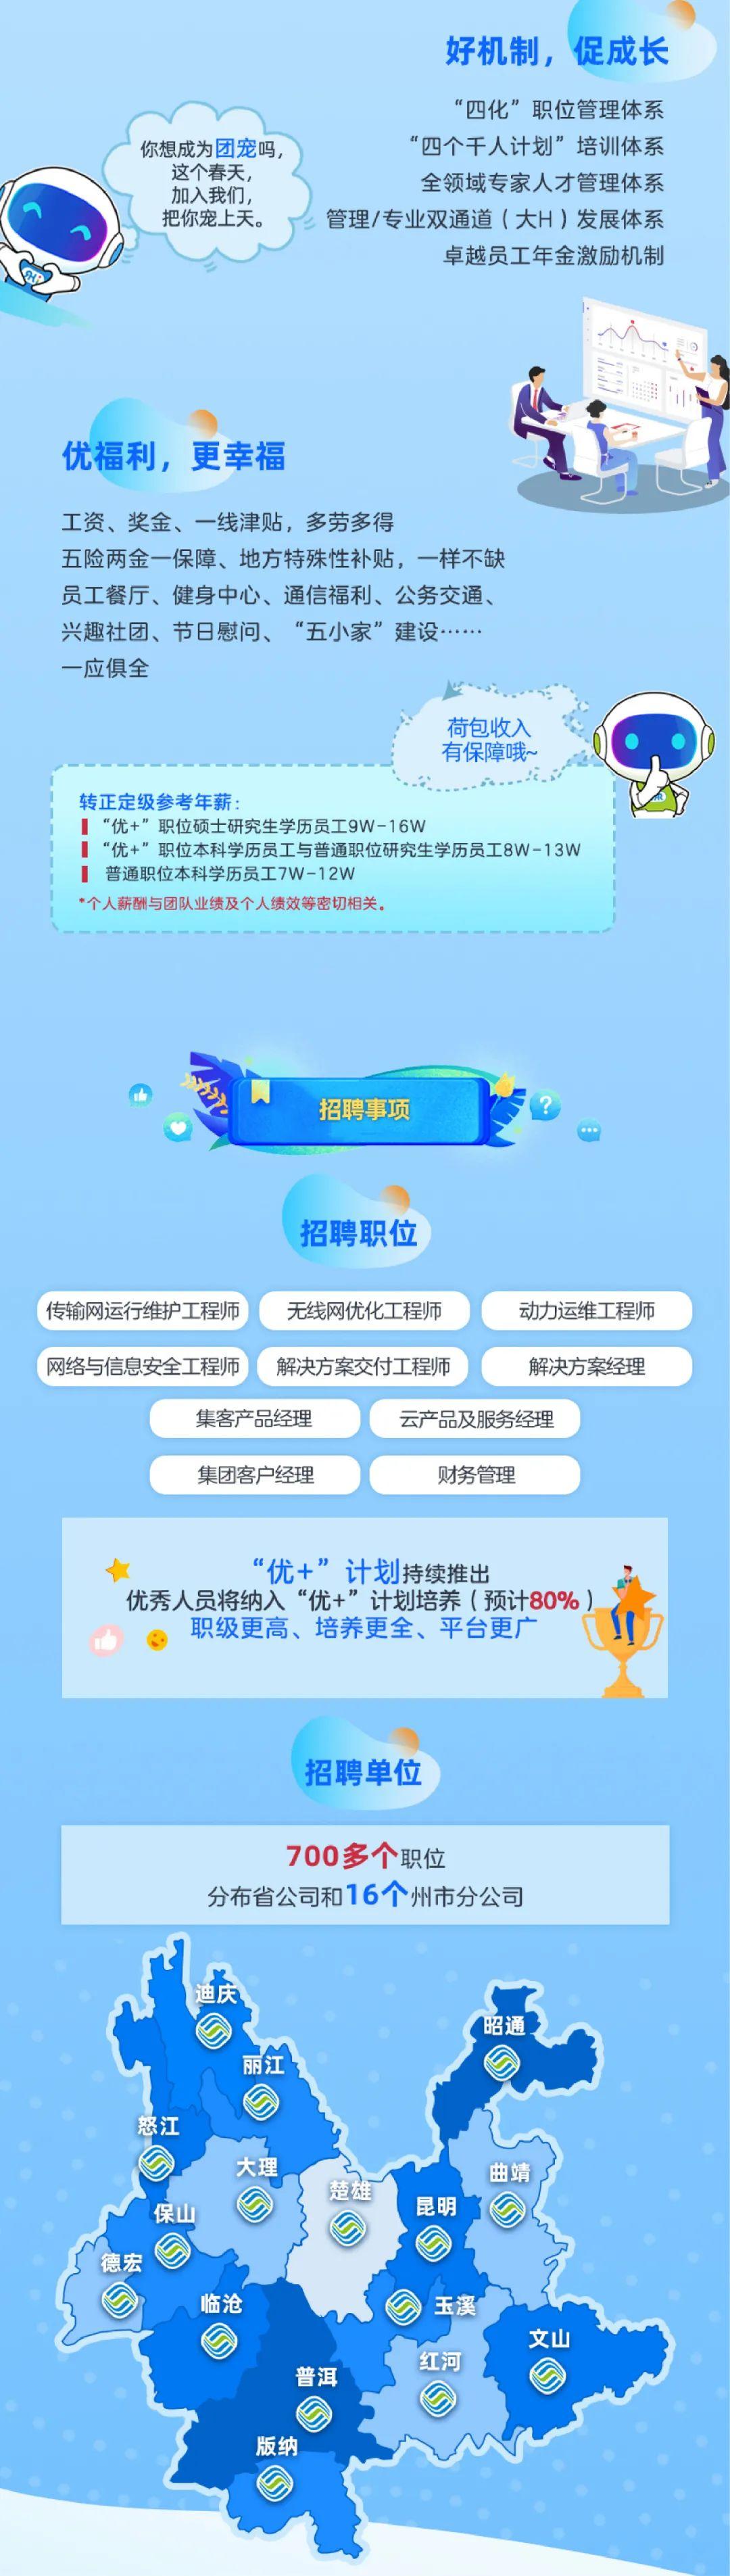 2021年移动通信集团云南有限公司招聘722人 年薪16万 应往届均可报名